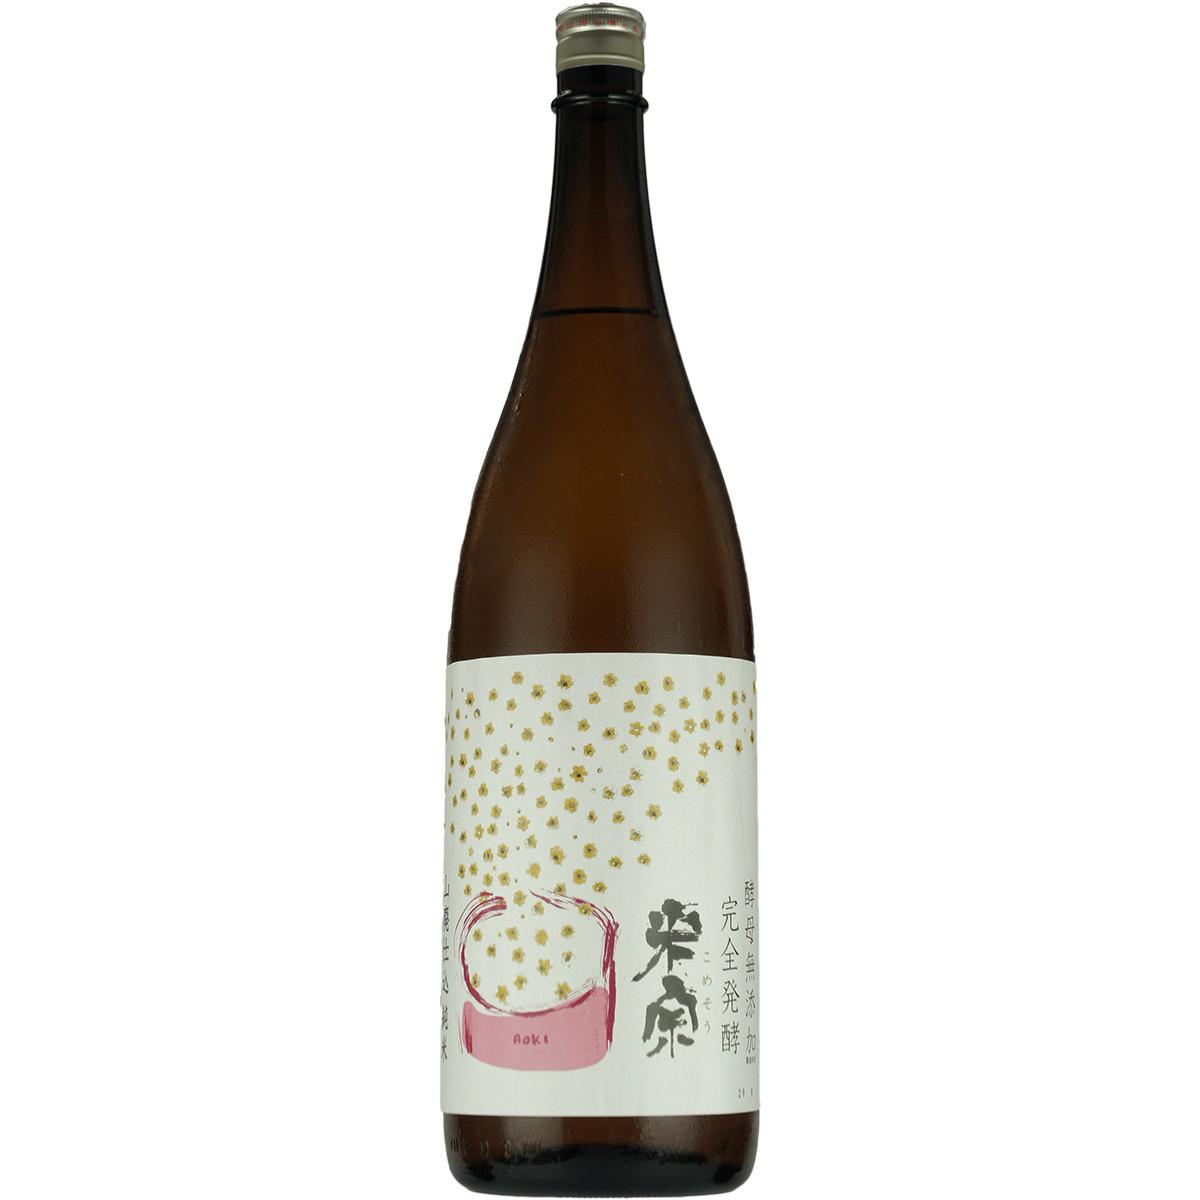 米宗 完全発酵 山廃仕込純米青木酒造